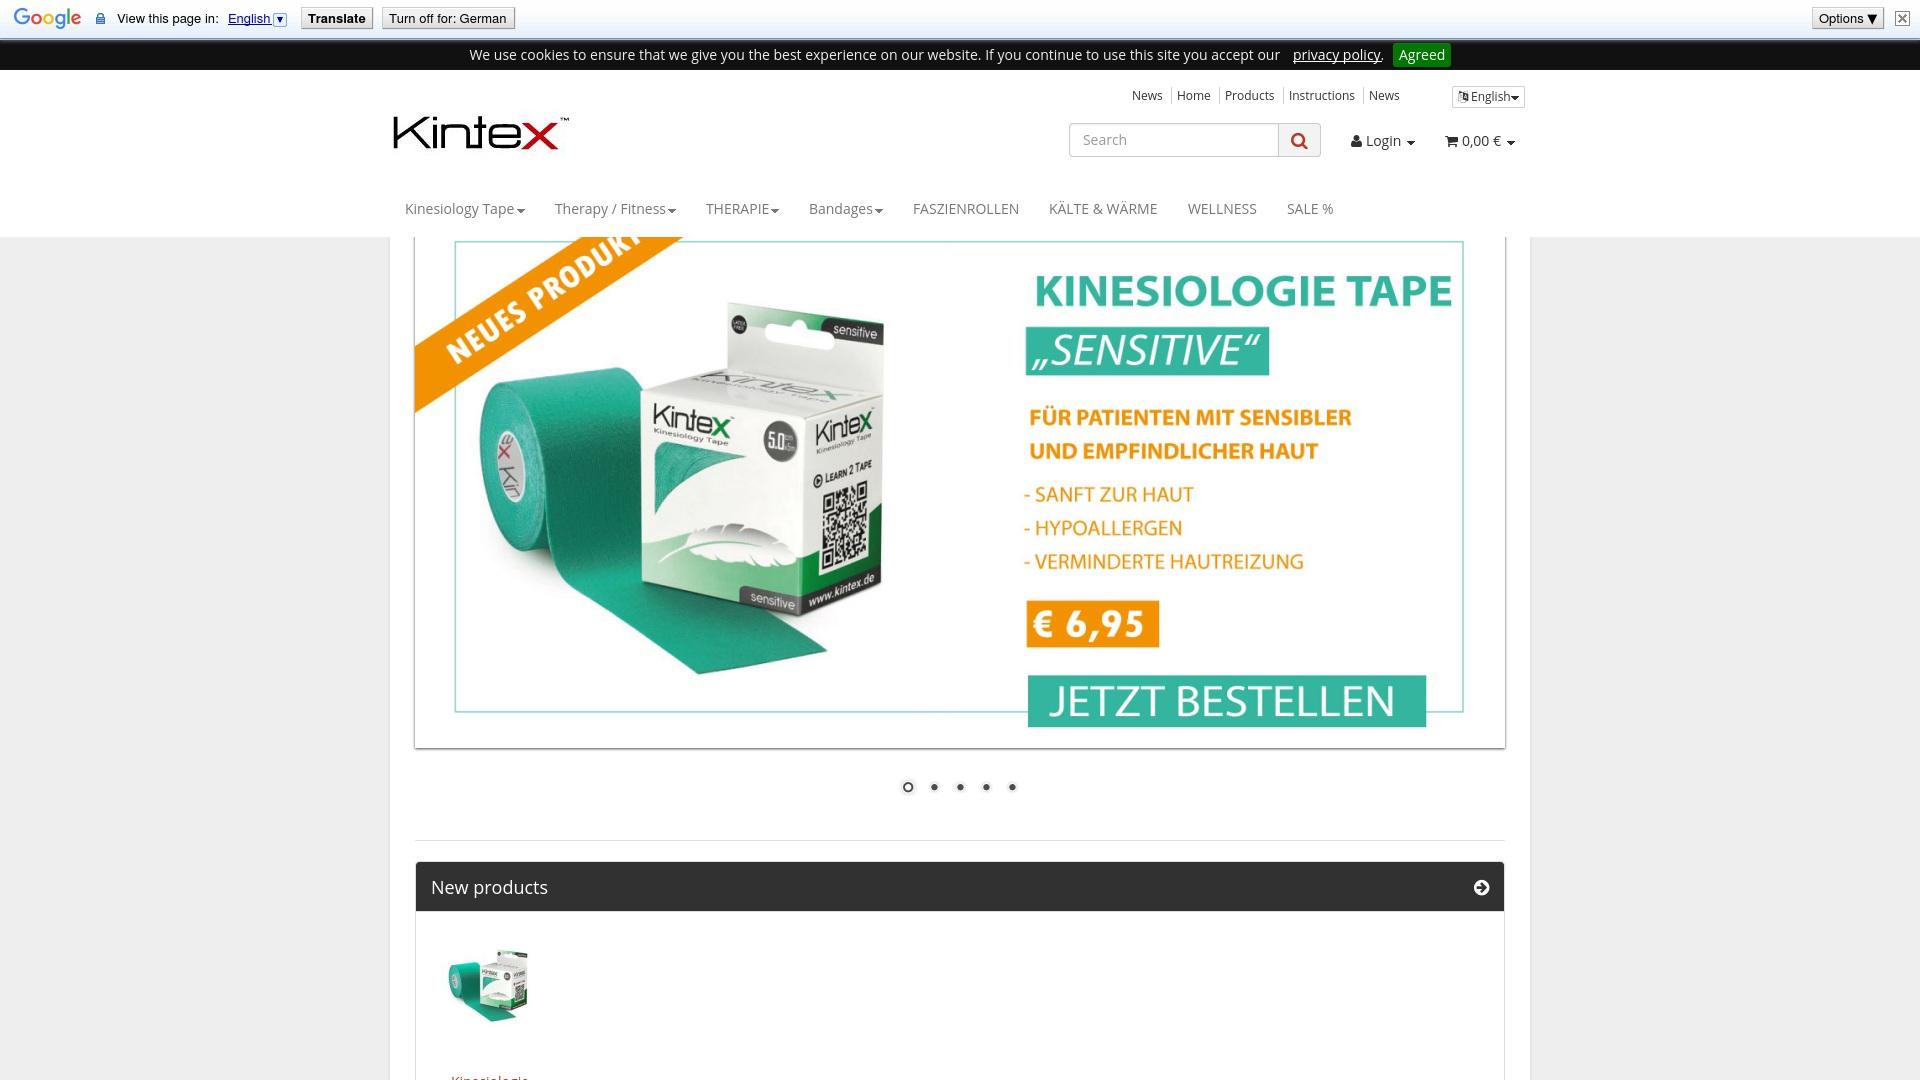 Gutschein für Kintex: Rabatte für  Kintex sichern